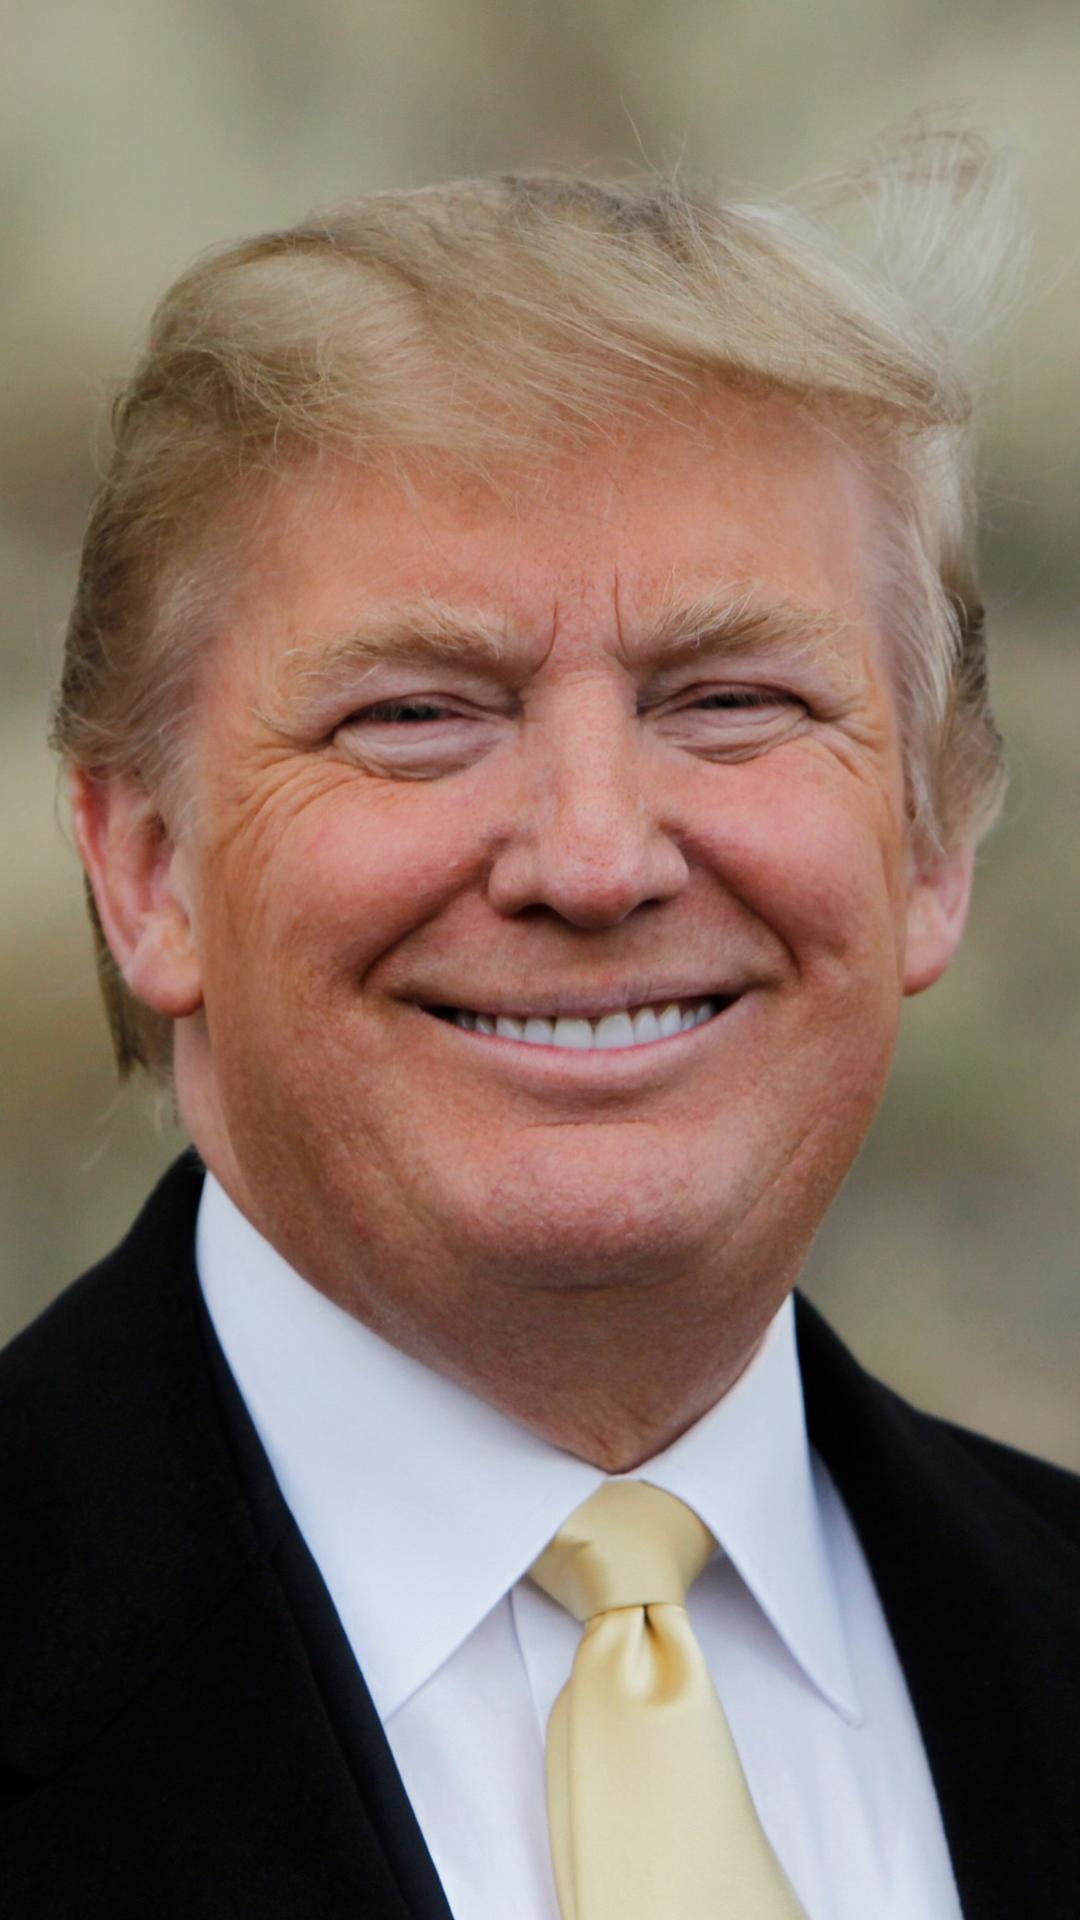 Donald Trump iPhone Wallpaper - WallpaperSafari